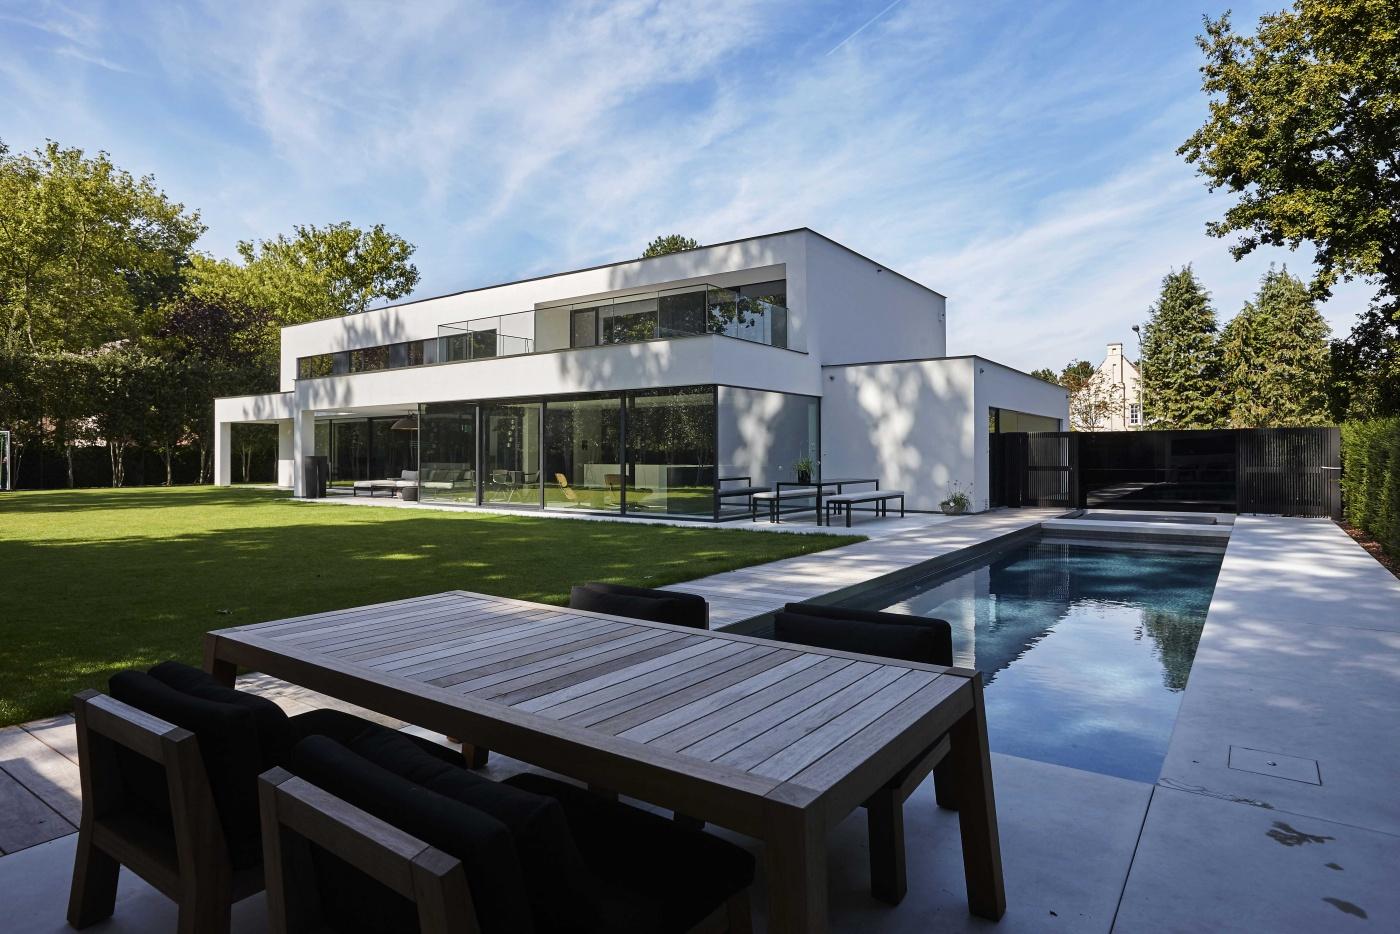 Villabouw dumobil tielt west vlaanderen for Modernes haus villa